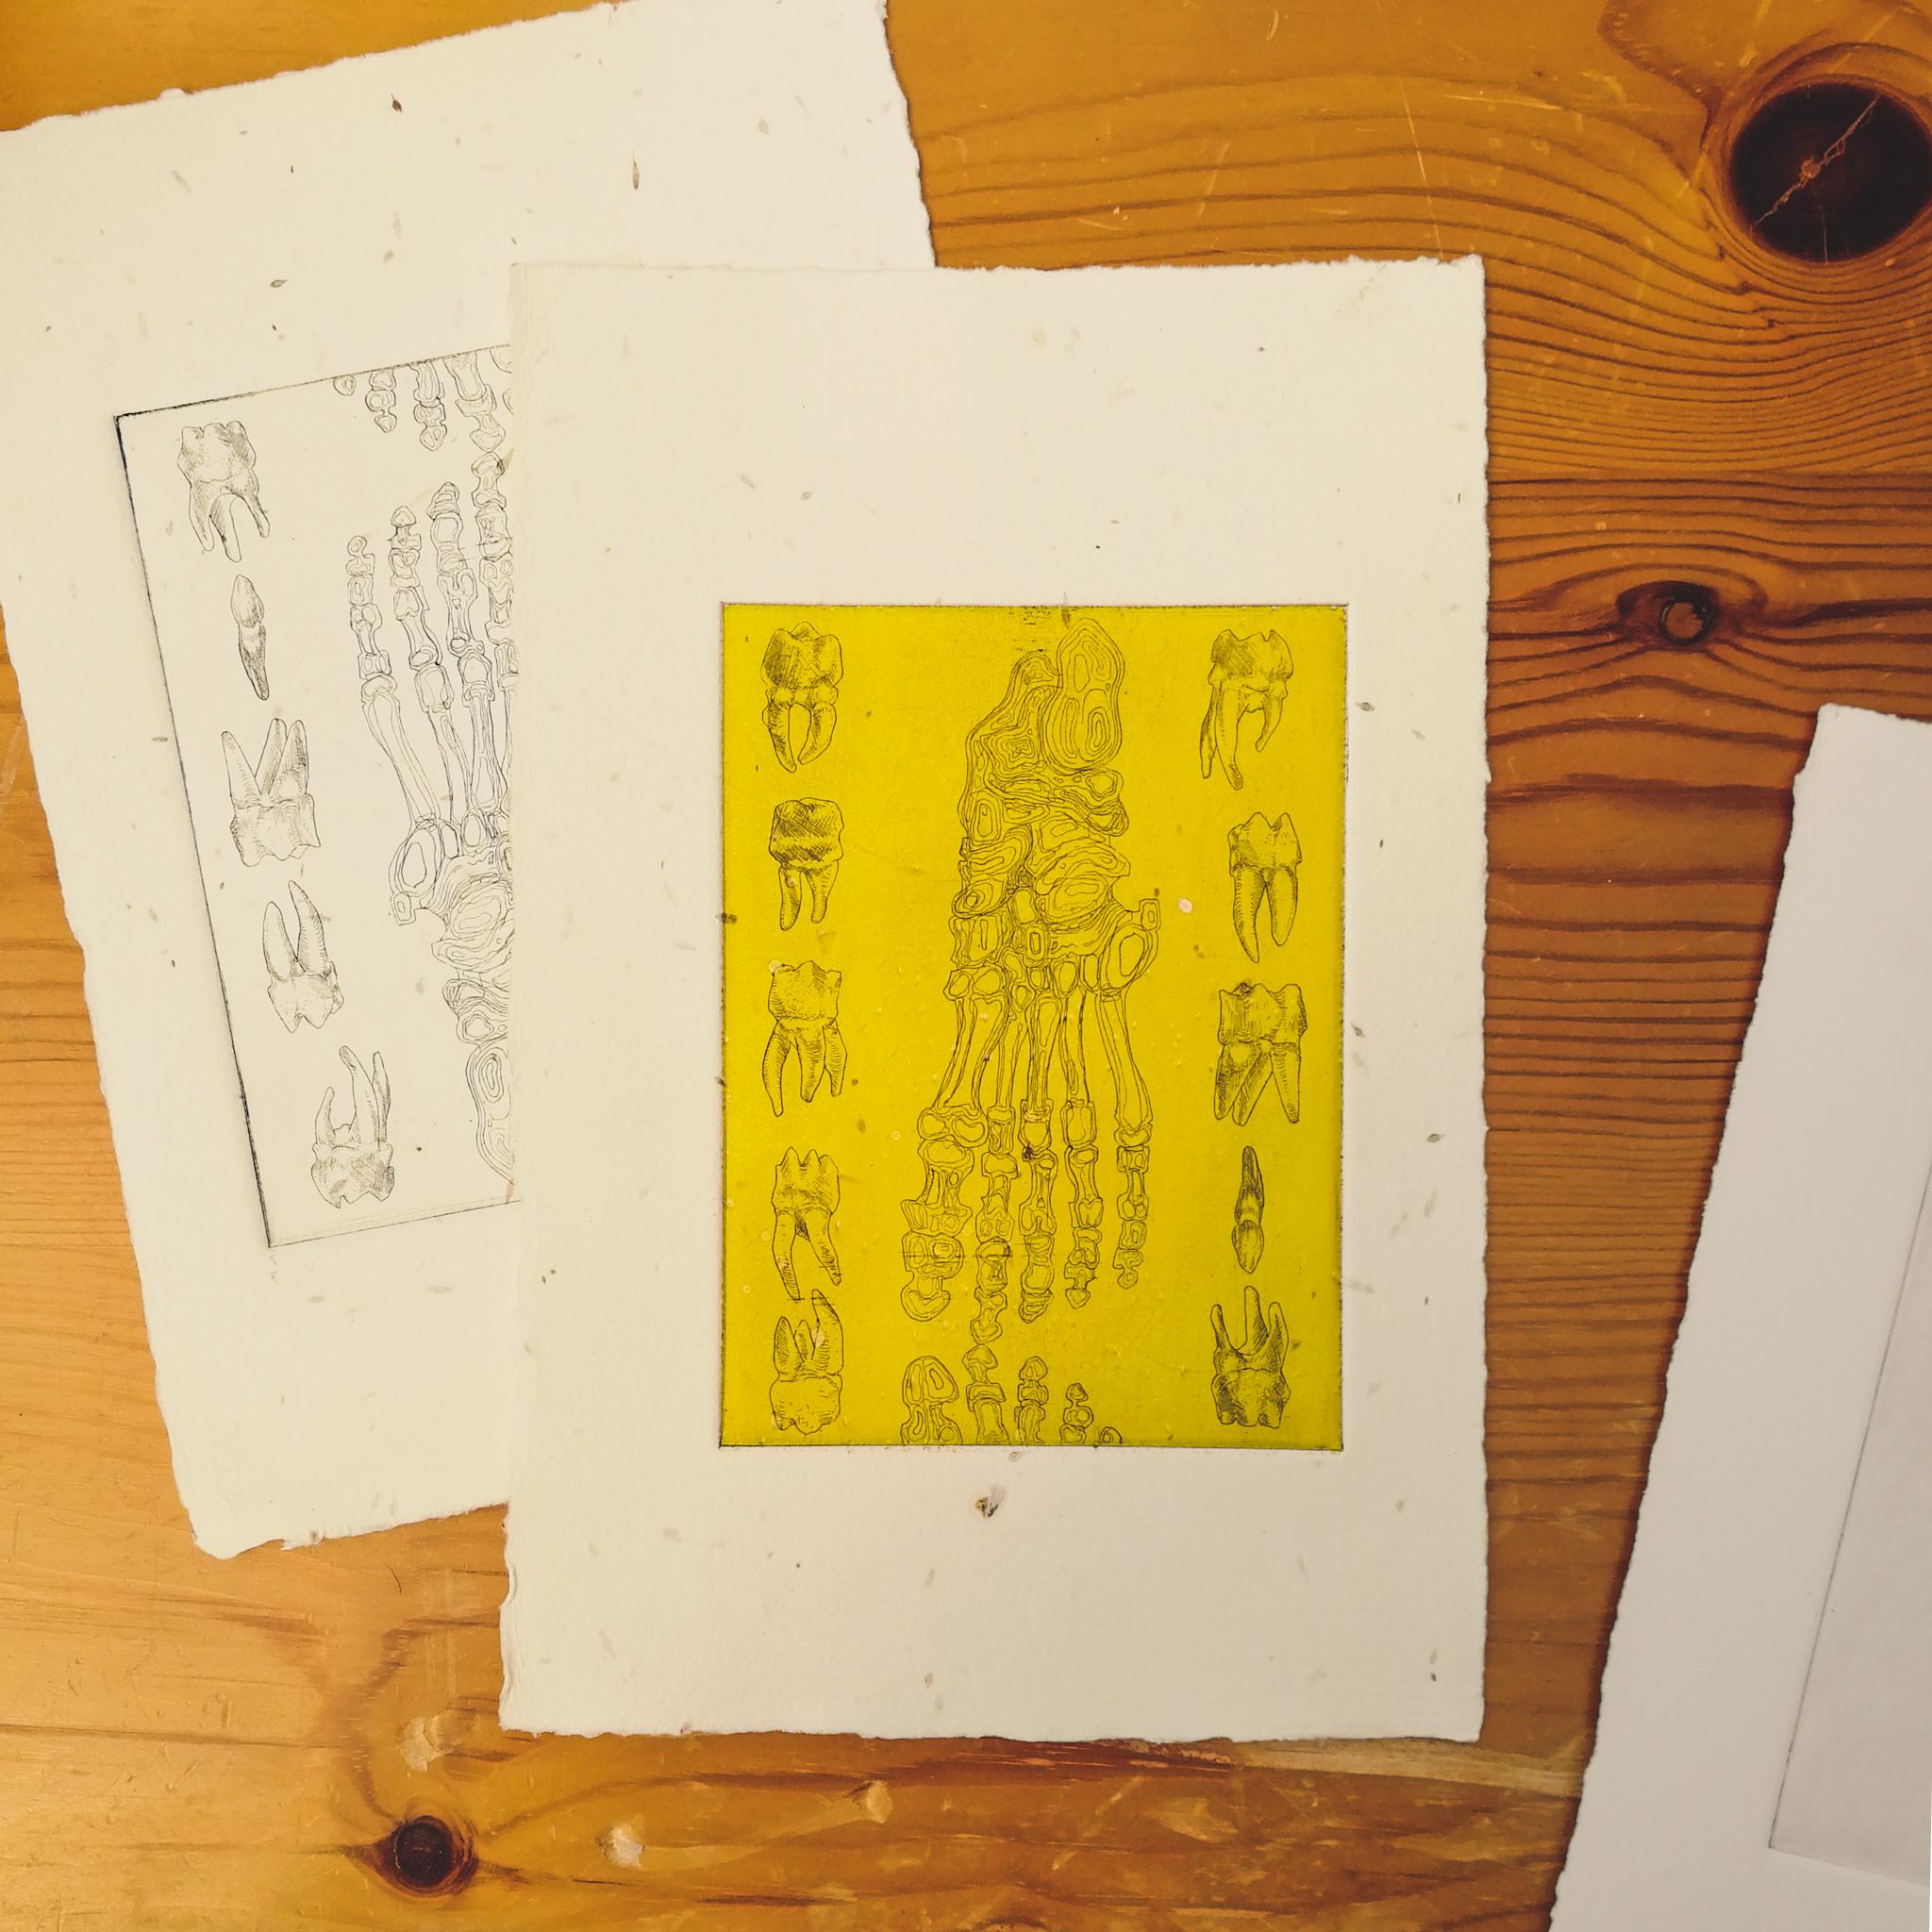 test prints by Tiina Lilja with human leg bone motifs